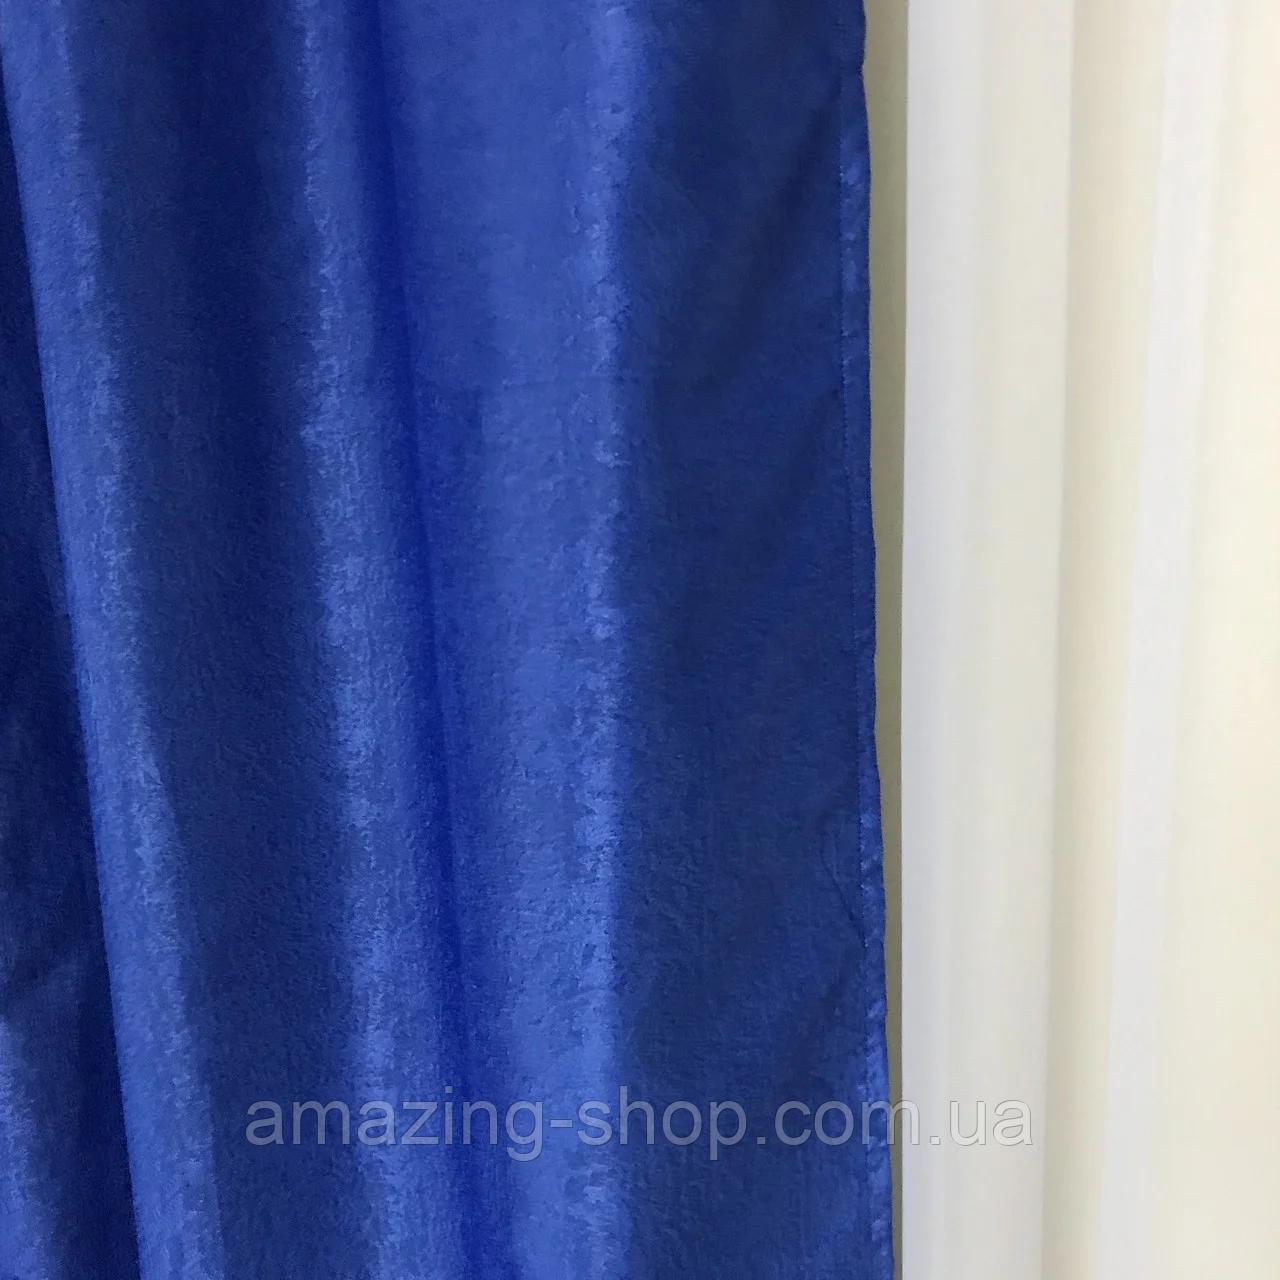 Сонцезахисні штори | Штори льону блекаут софт | Готові штори | 100% захист від сонця | Сині штори |